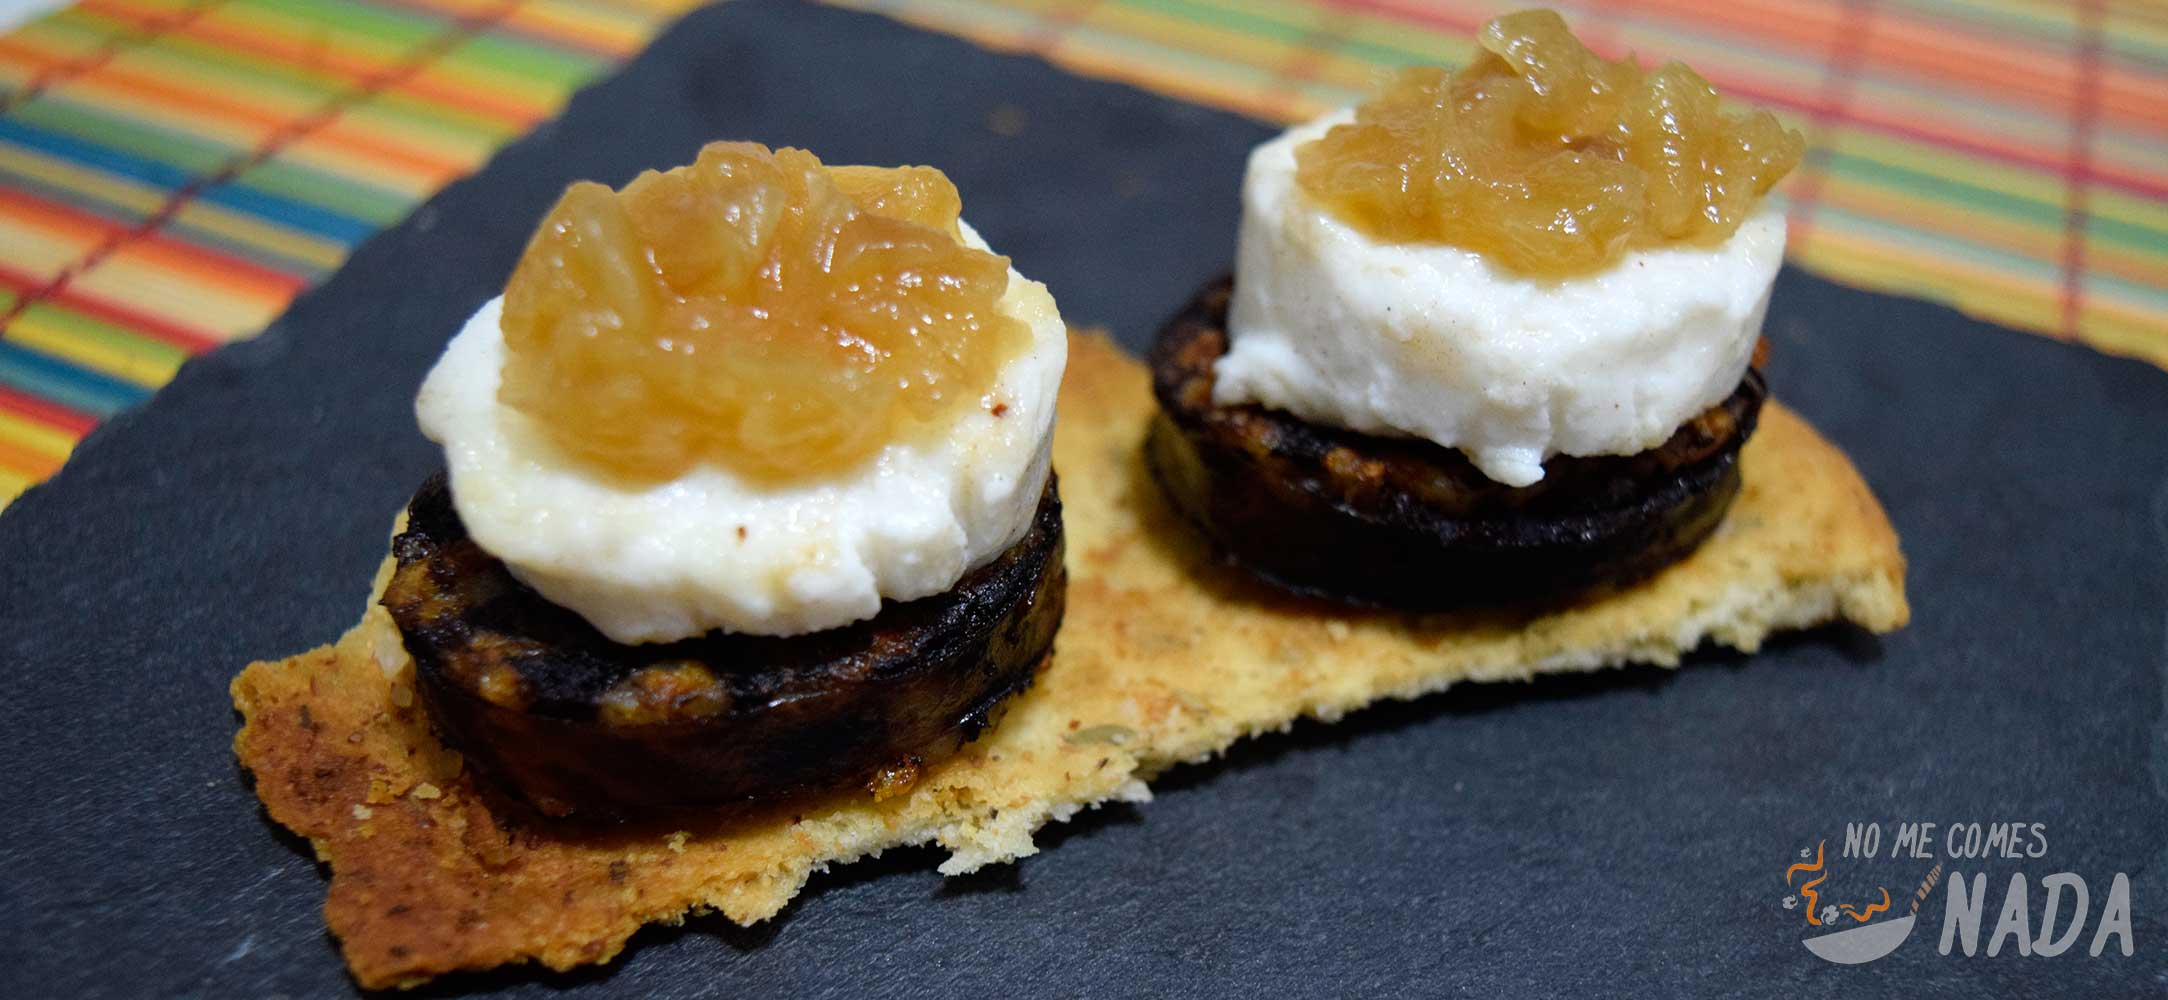 Tostas de morcilla queso de cabra y cebolla caramelizada for Canape de pate con cebolla caramelizada